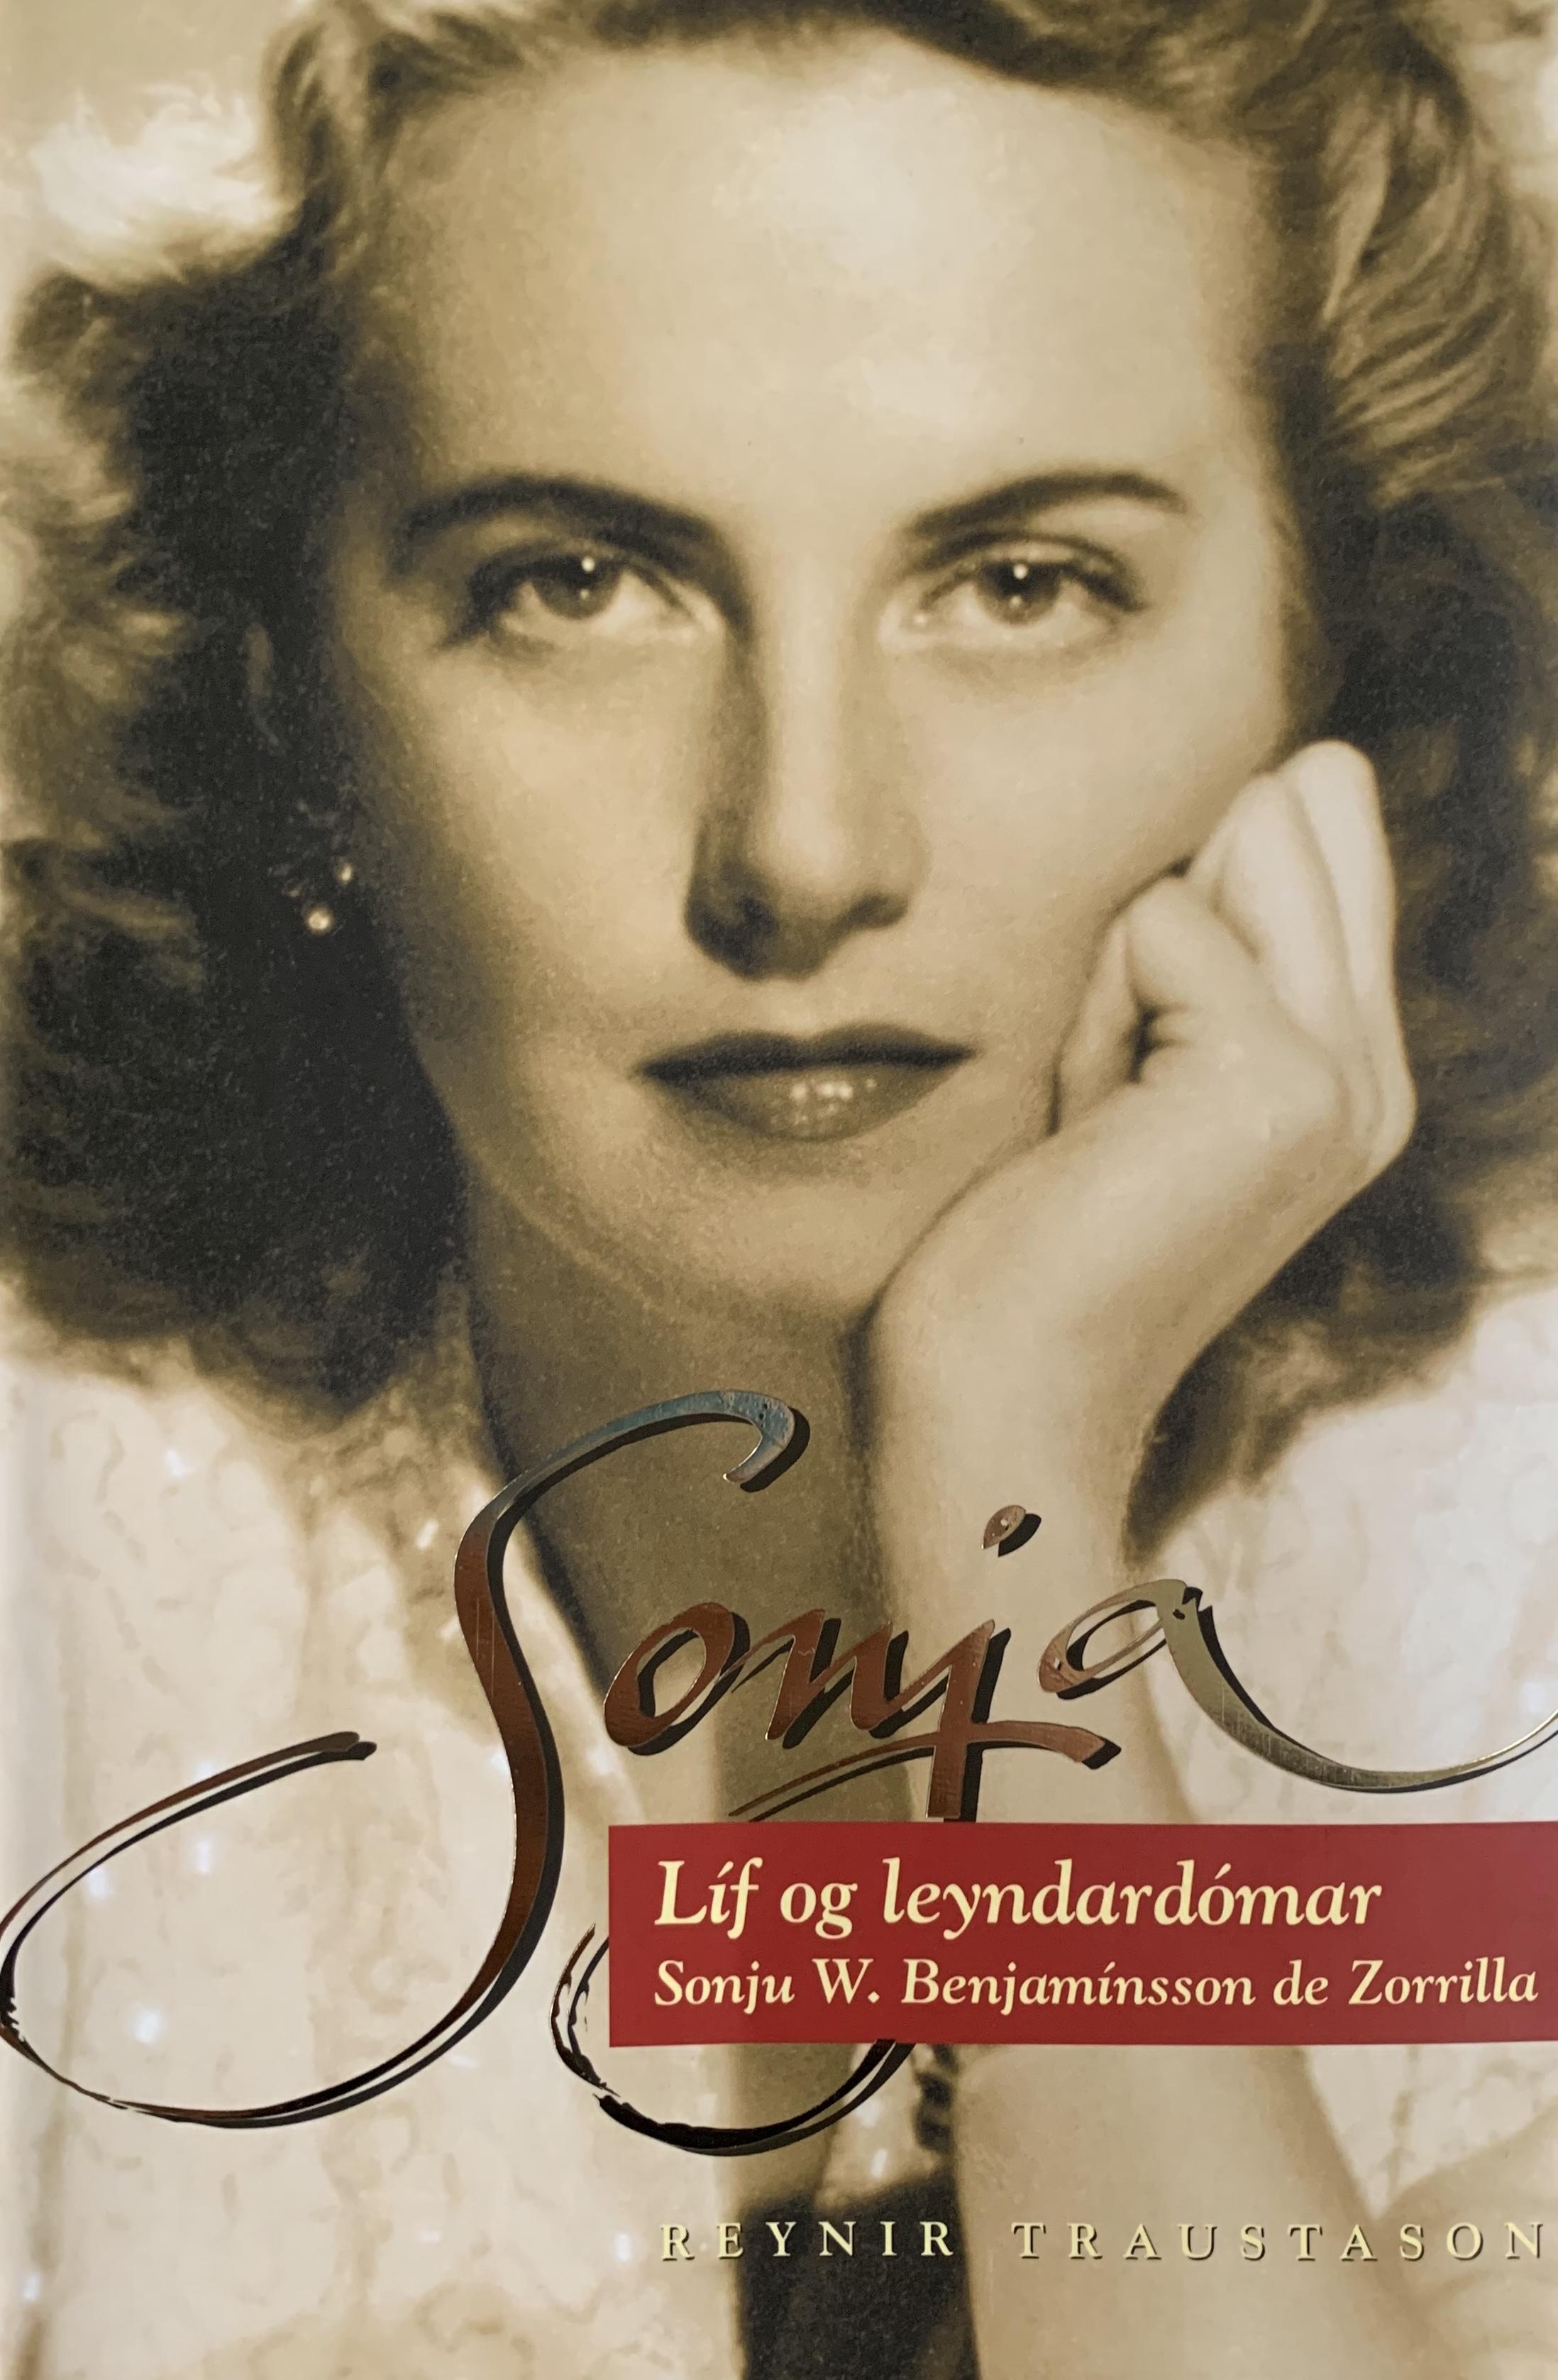 Sonja - Líf og leyndardómar Sonju W. Benjamínsson de Zorilla